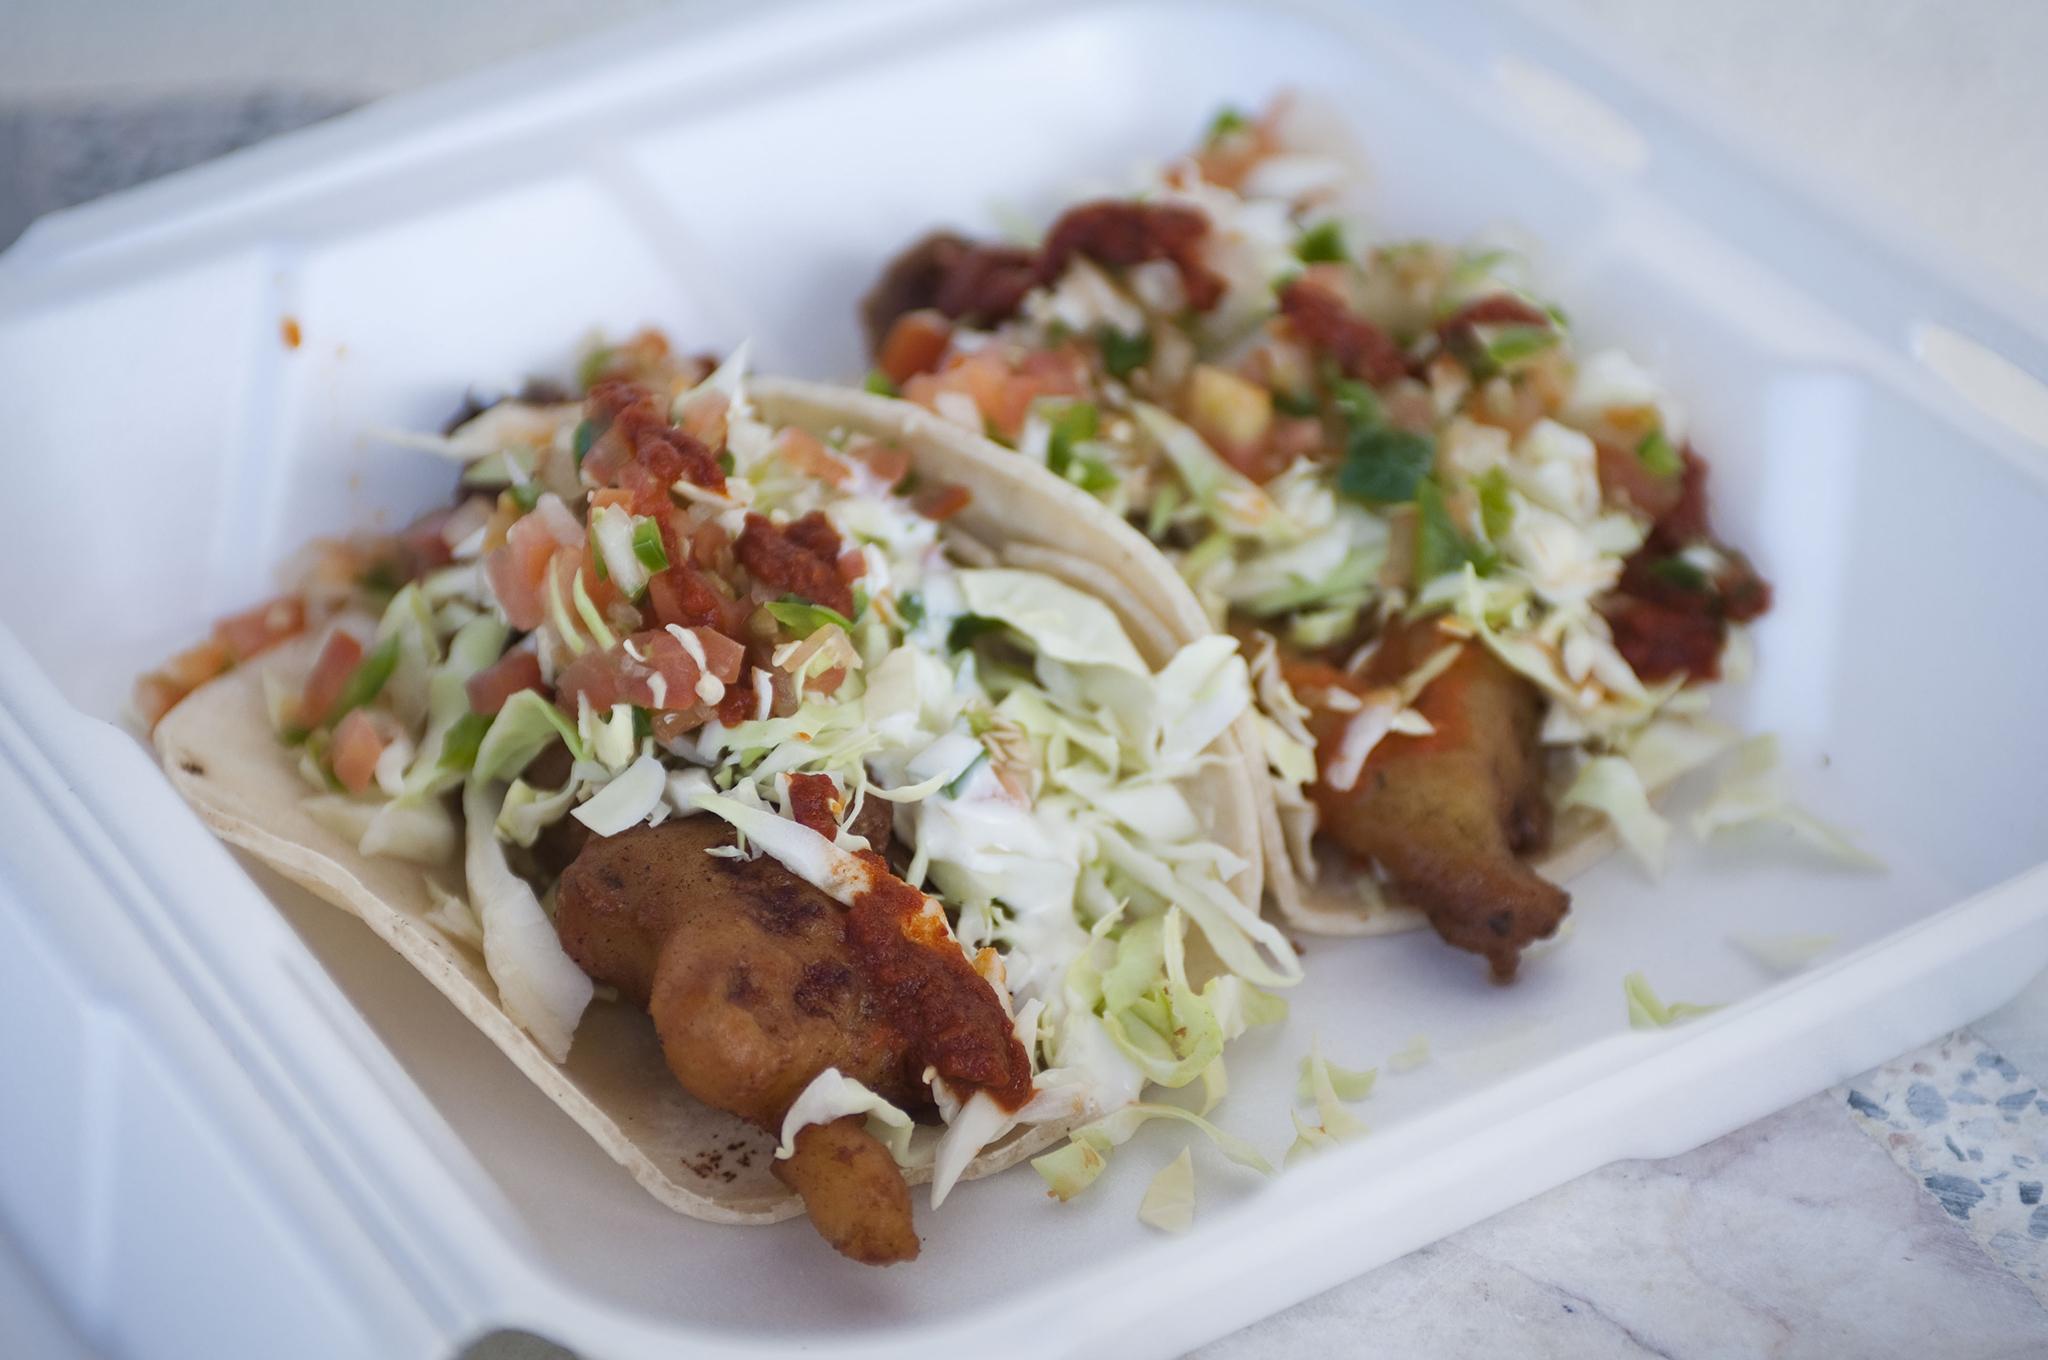 Fish tacos at Ricky's Fish Tacos